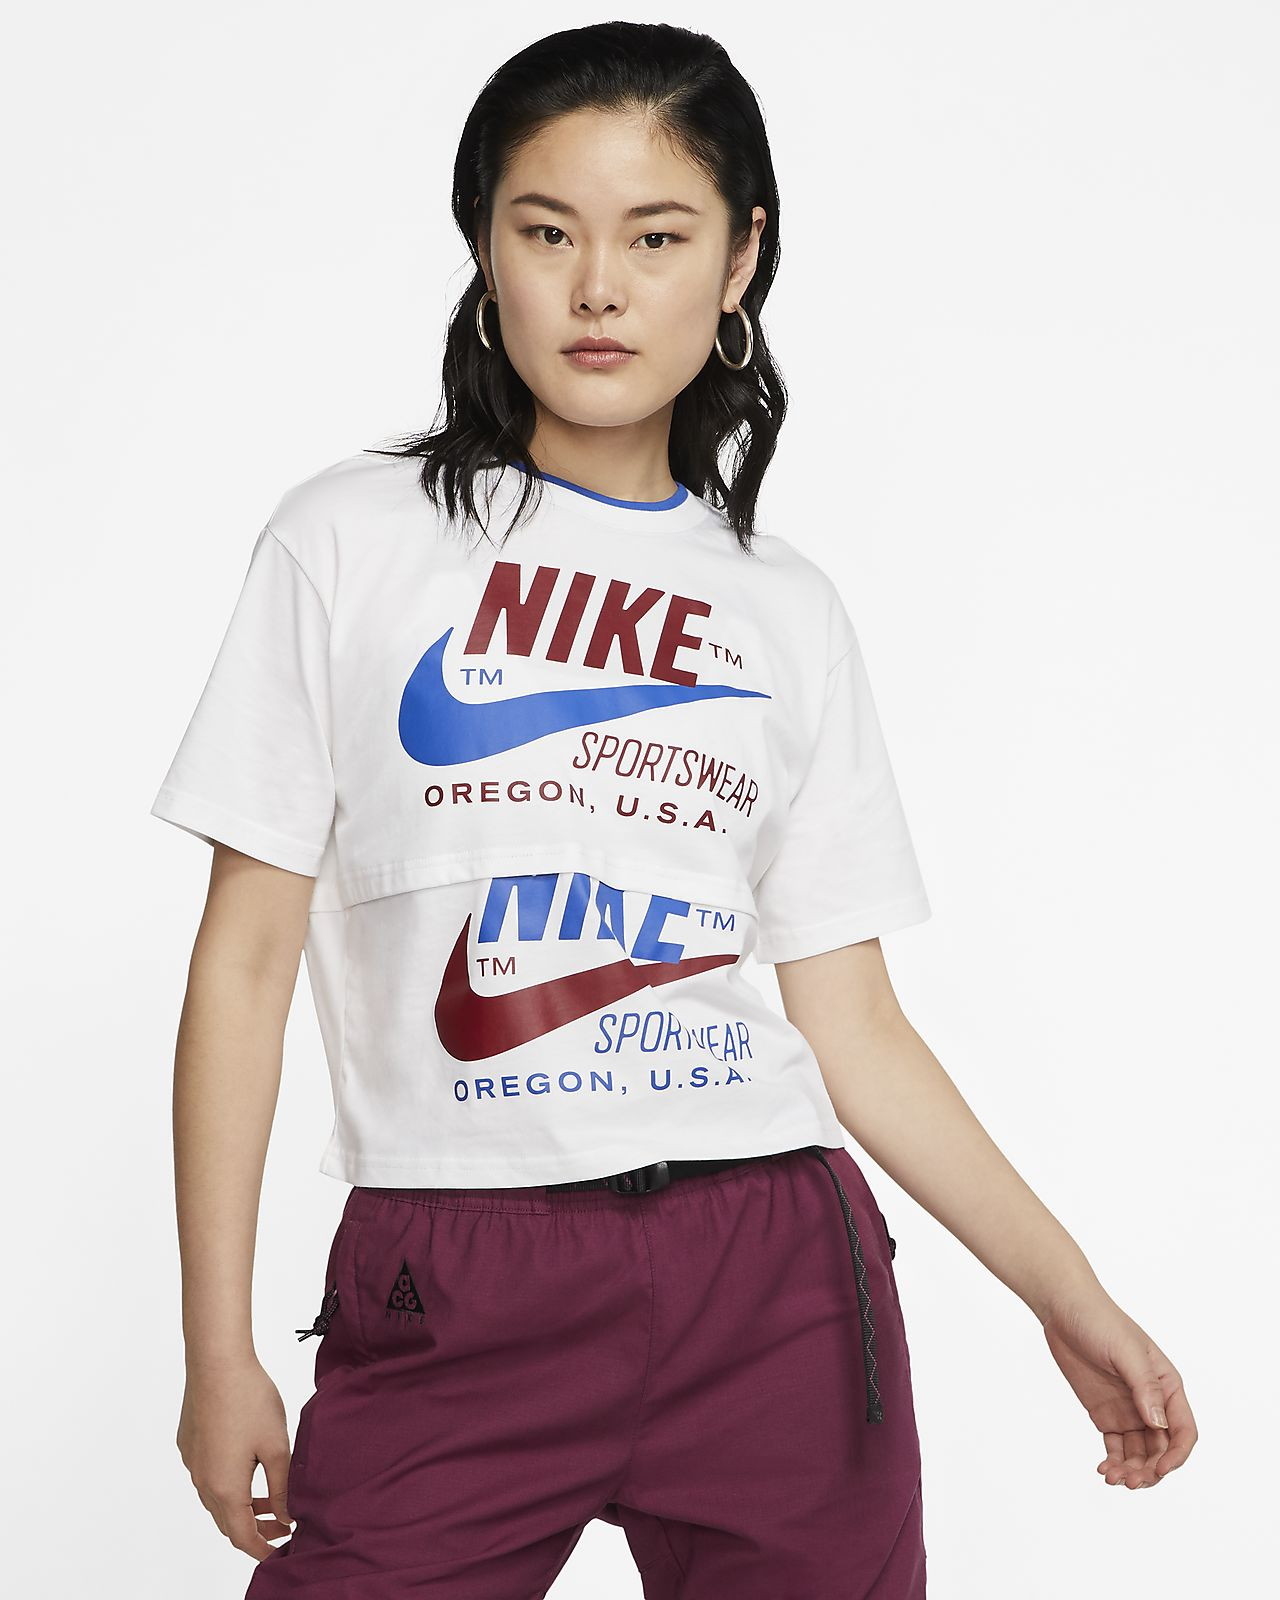 Nike Sportswear Women's Short-Sleeve Top